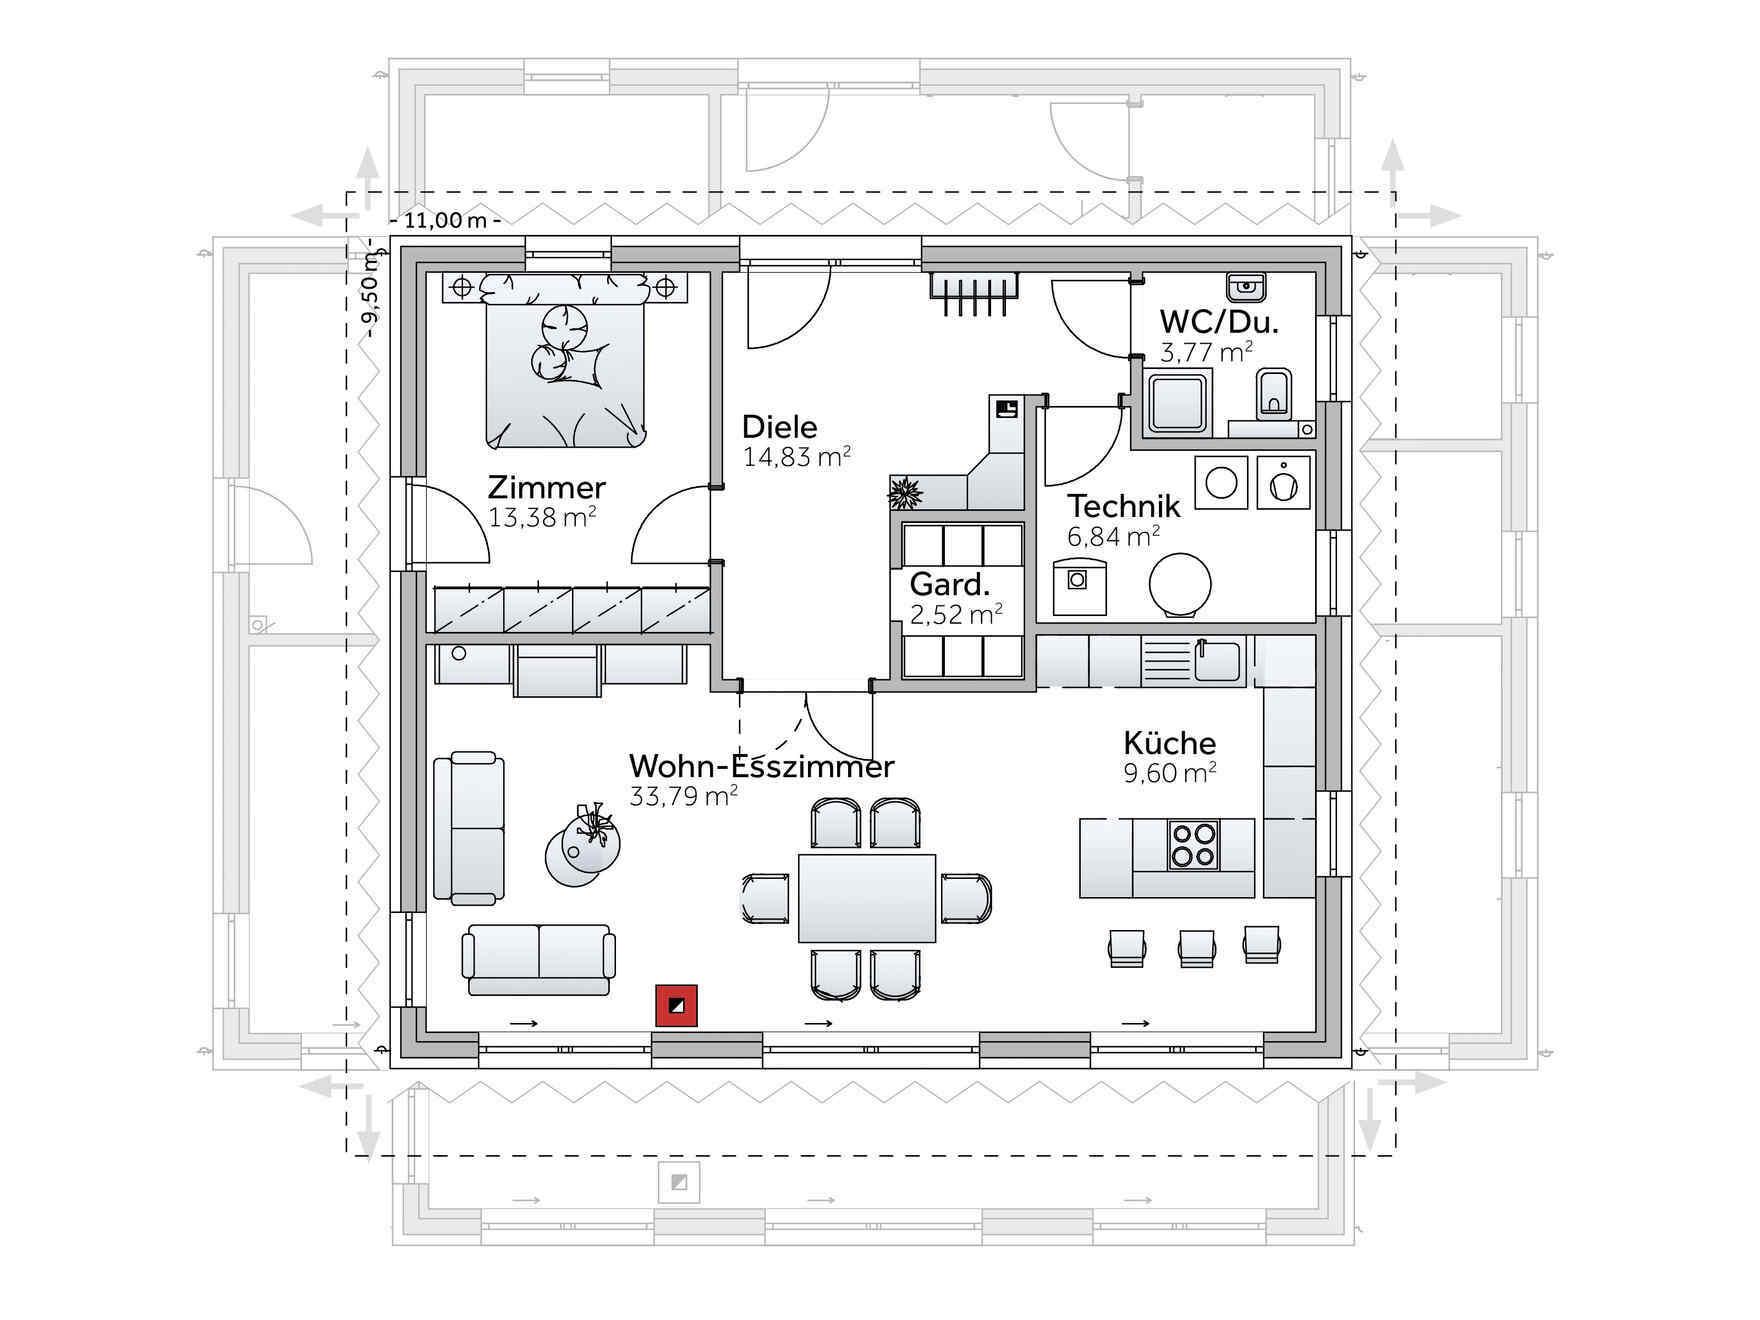 Grundriss Einfamilienhaus Offene Küche. Schreibtafel Küche Esszimmer ...